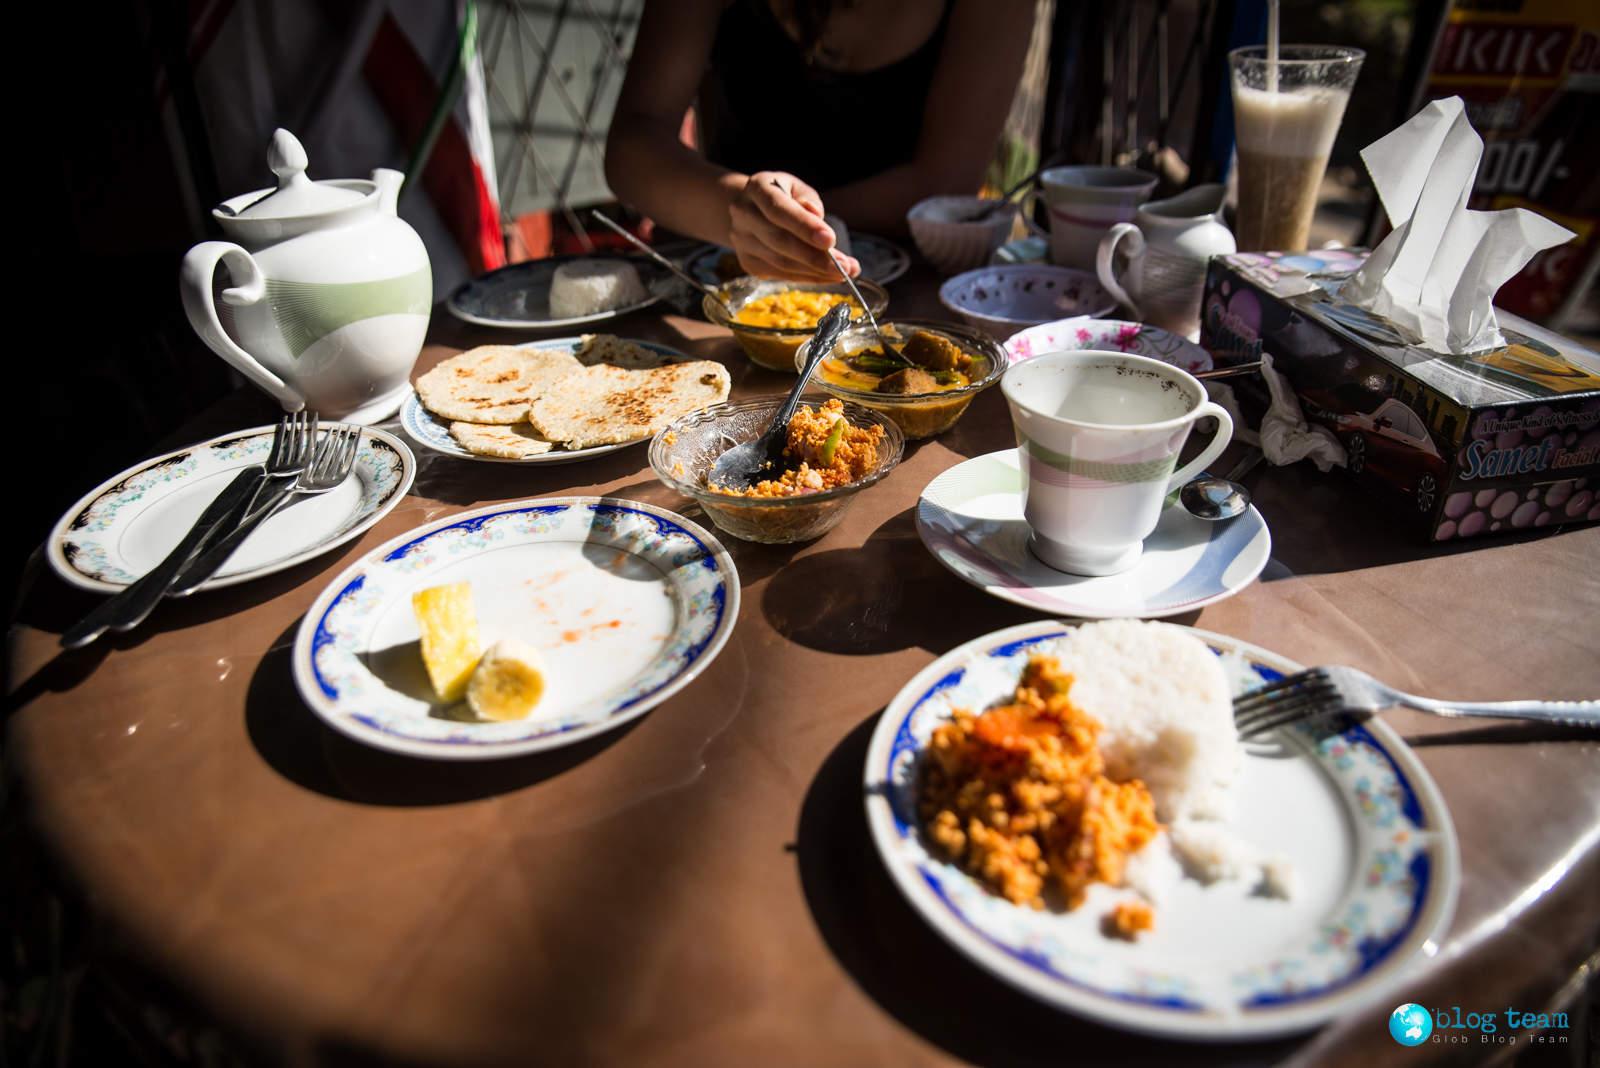 Zestaw śniadaniowy rice & curry, świeże owoce, koktajl, kawa, herbata Sri Lanka